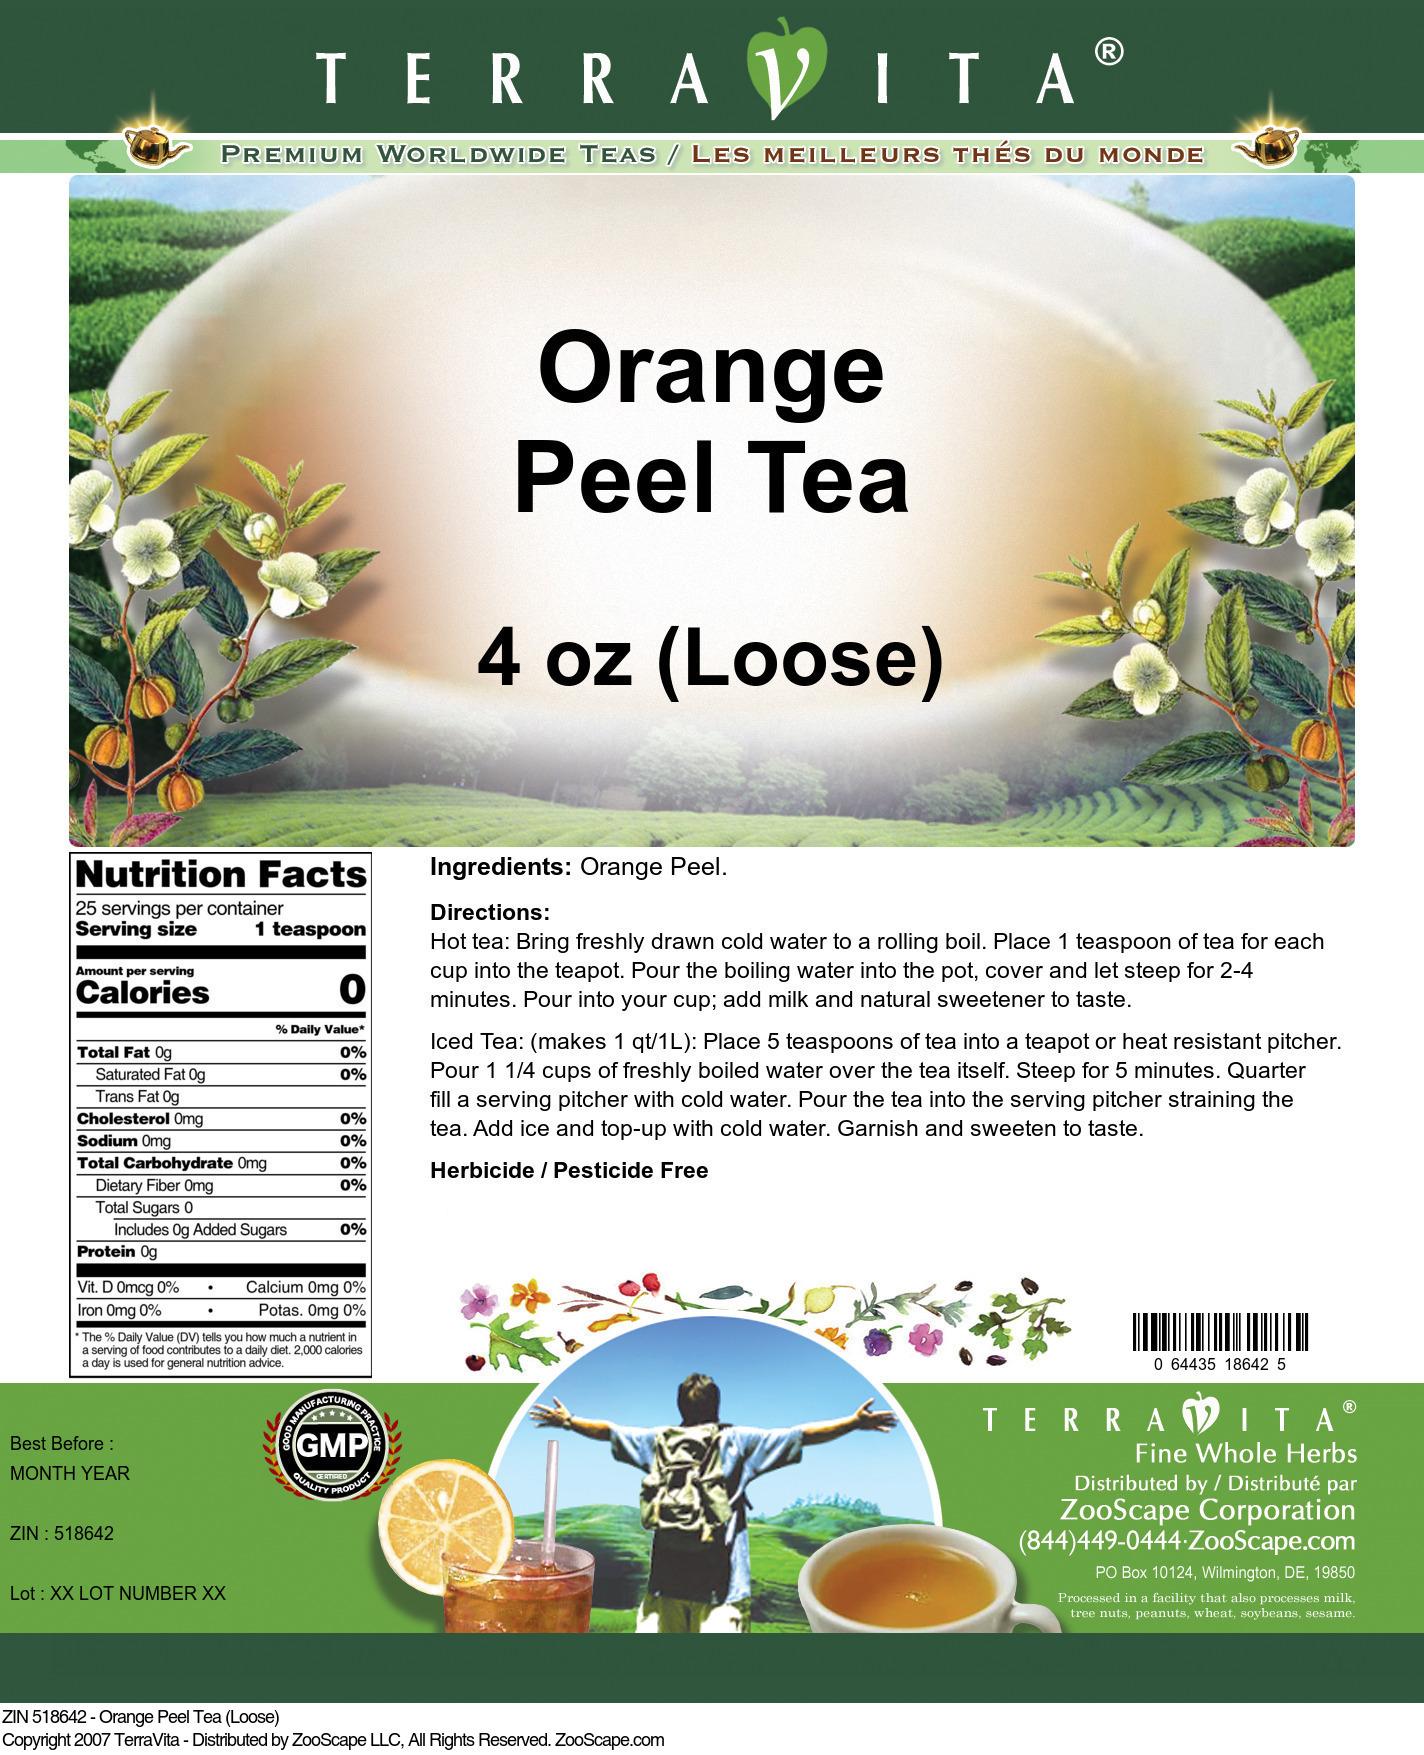 Orange Peel Tea (Loose)